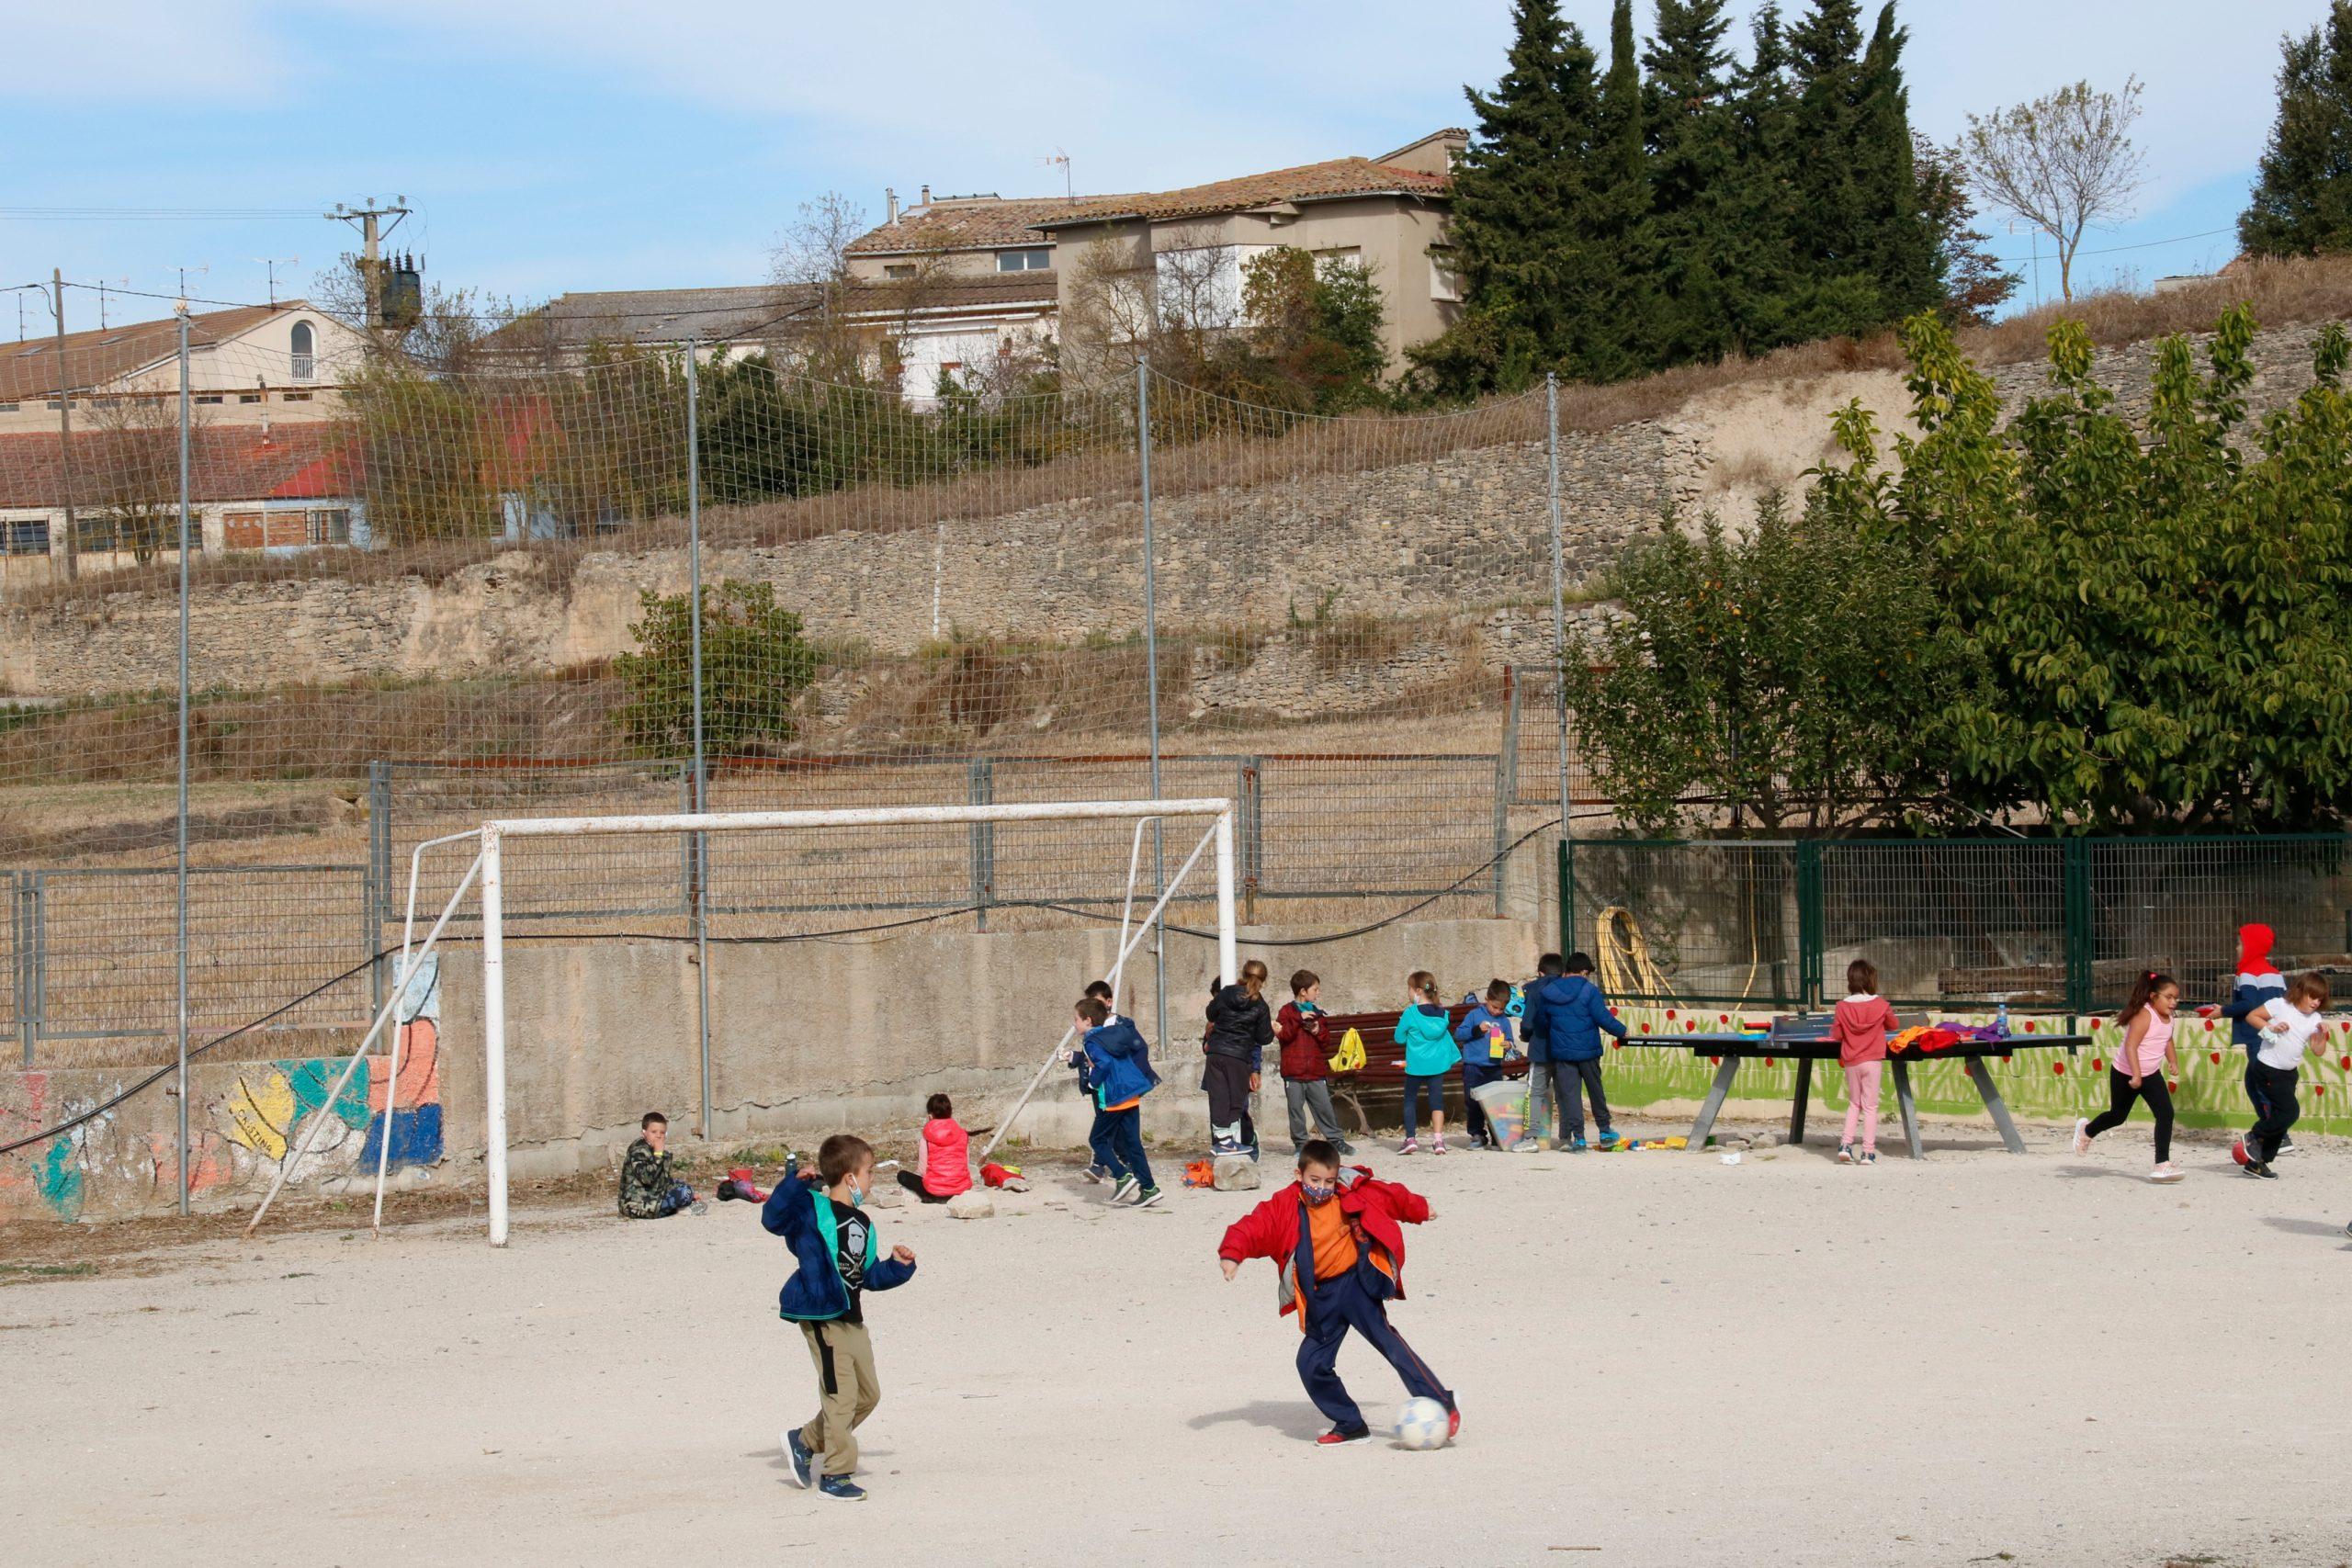 Nens jugant a futbol durant l'hora d'esbarjo al pati de l'escola (ACN)